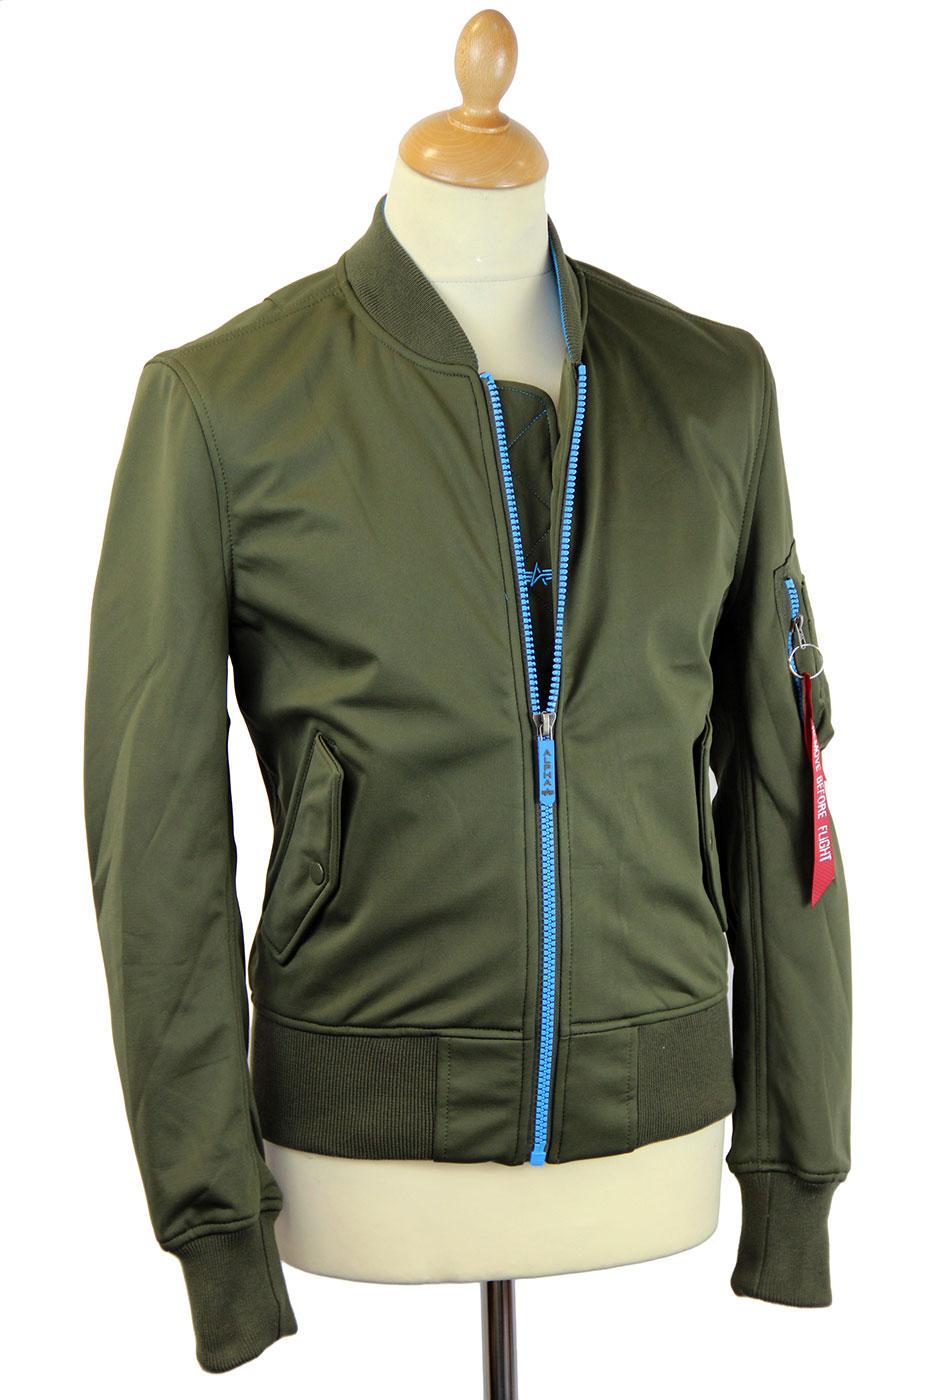 MA 1 Soft Shell ALPHA INDSUTRIES Bomber Jacket (O)